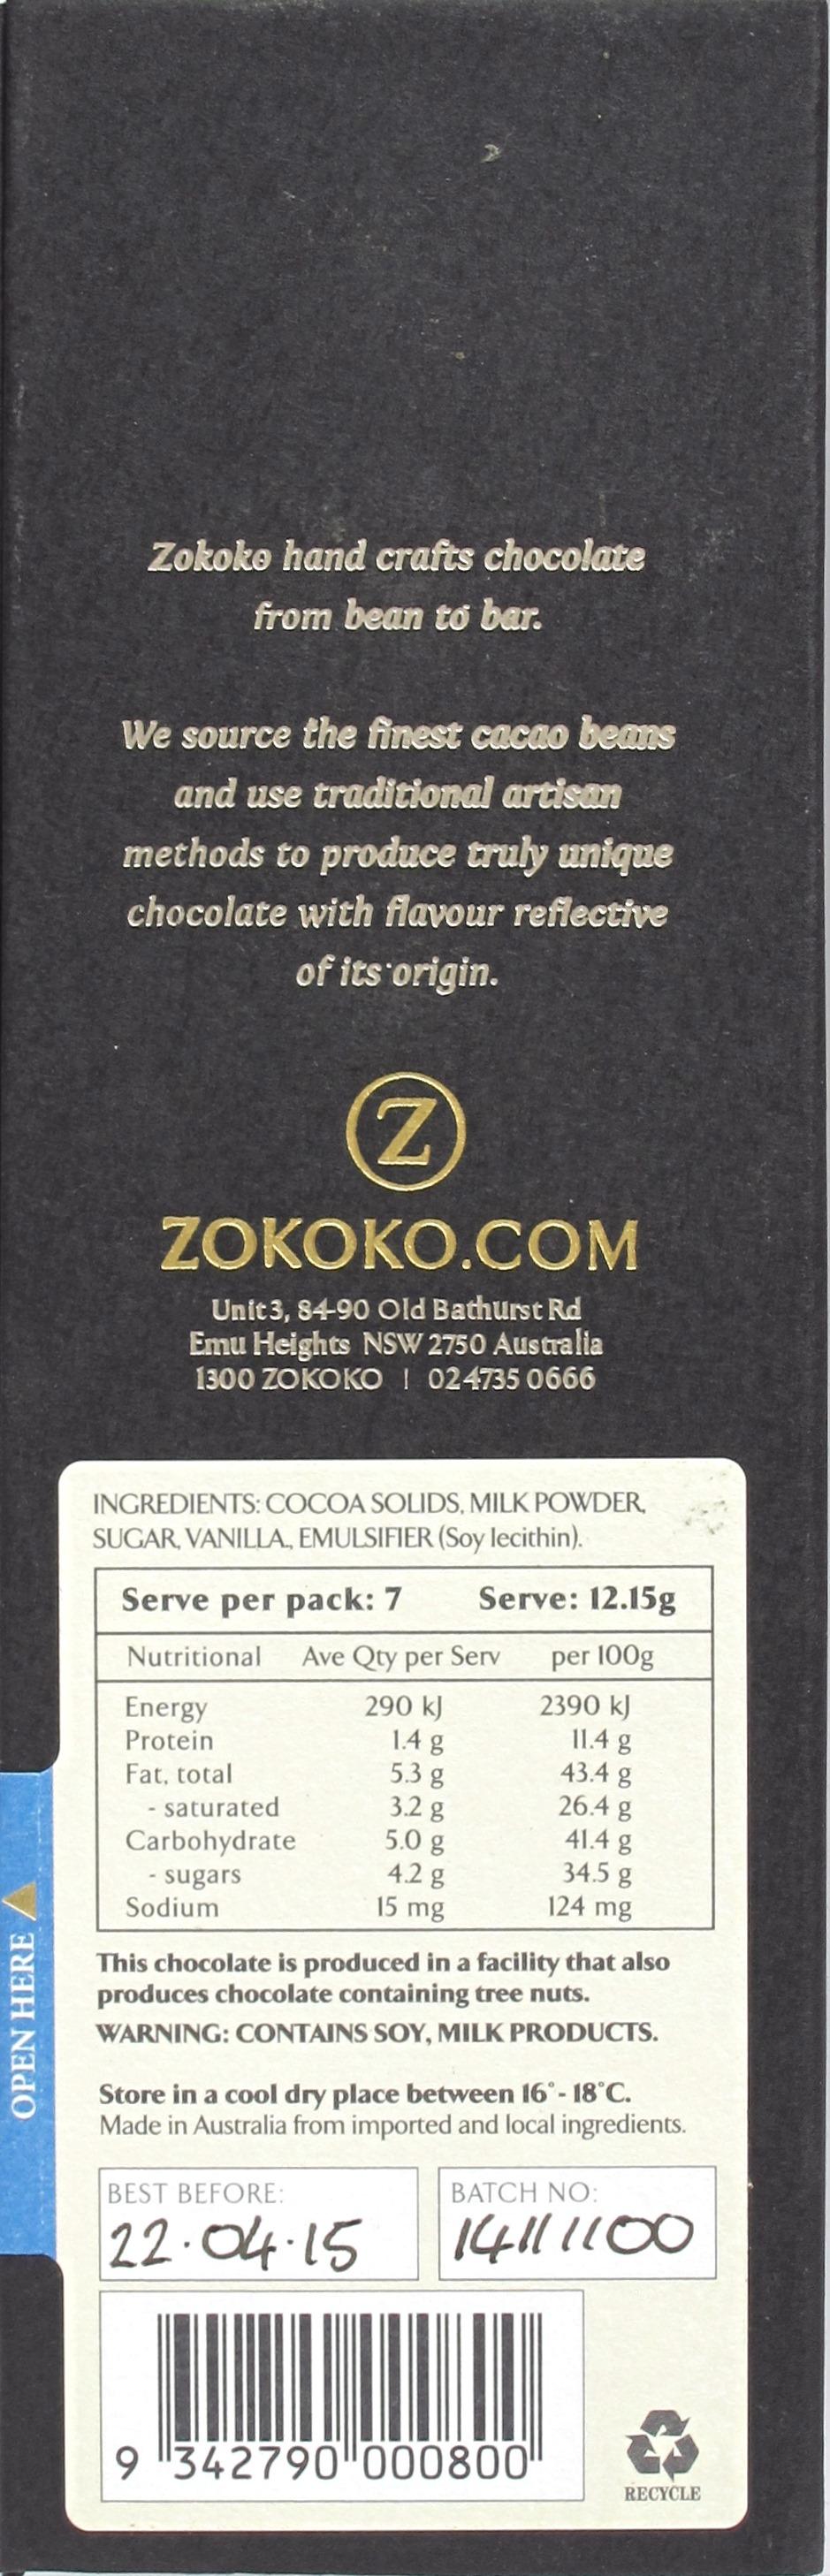 """Rückseite und Inhaltsangaben der Zokoko-Milchschokolade """"Goddess Milk"""""""